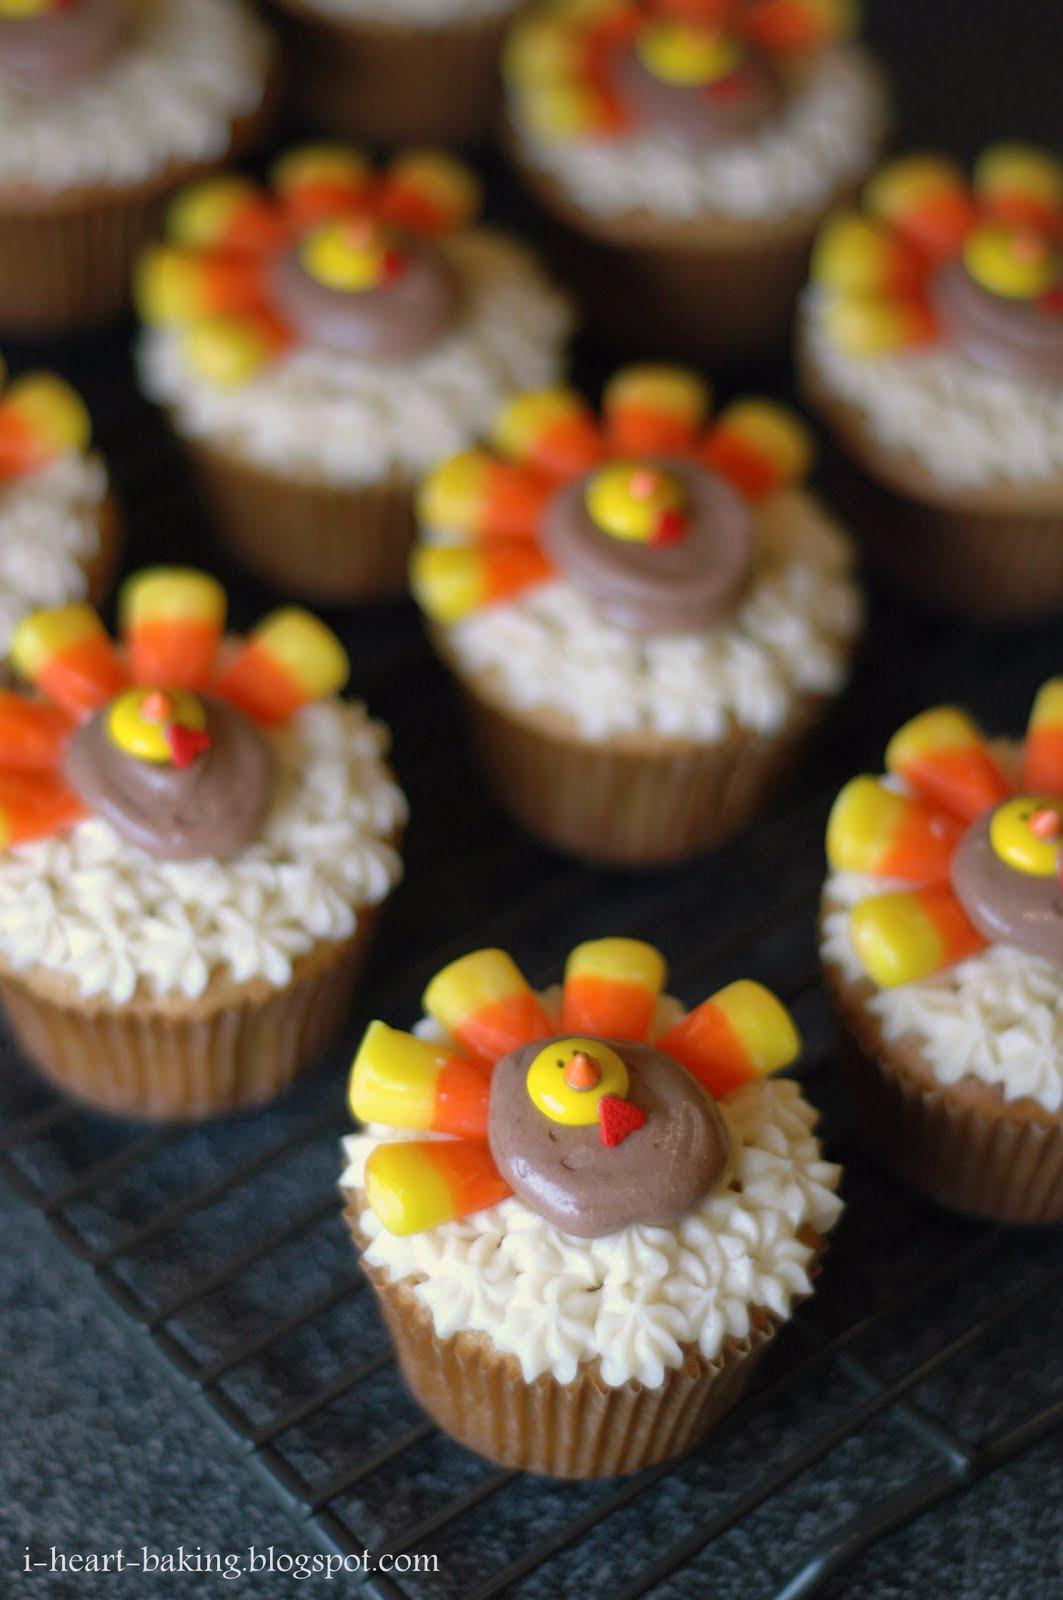 Baking Thanksgiving Turkey  i heart baking thanksgiving turkey cupcakes brown